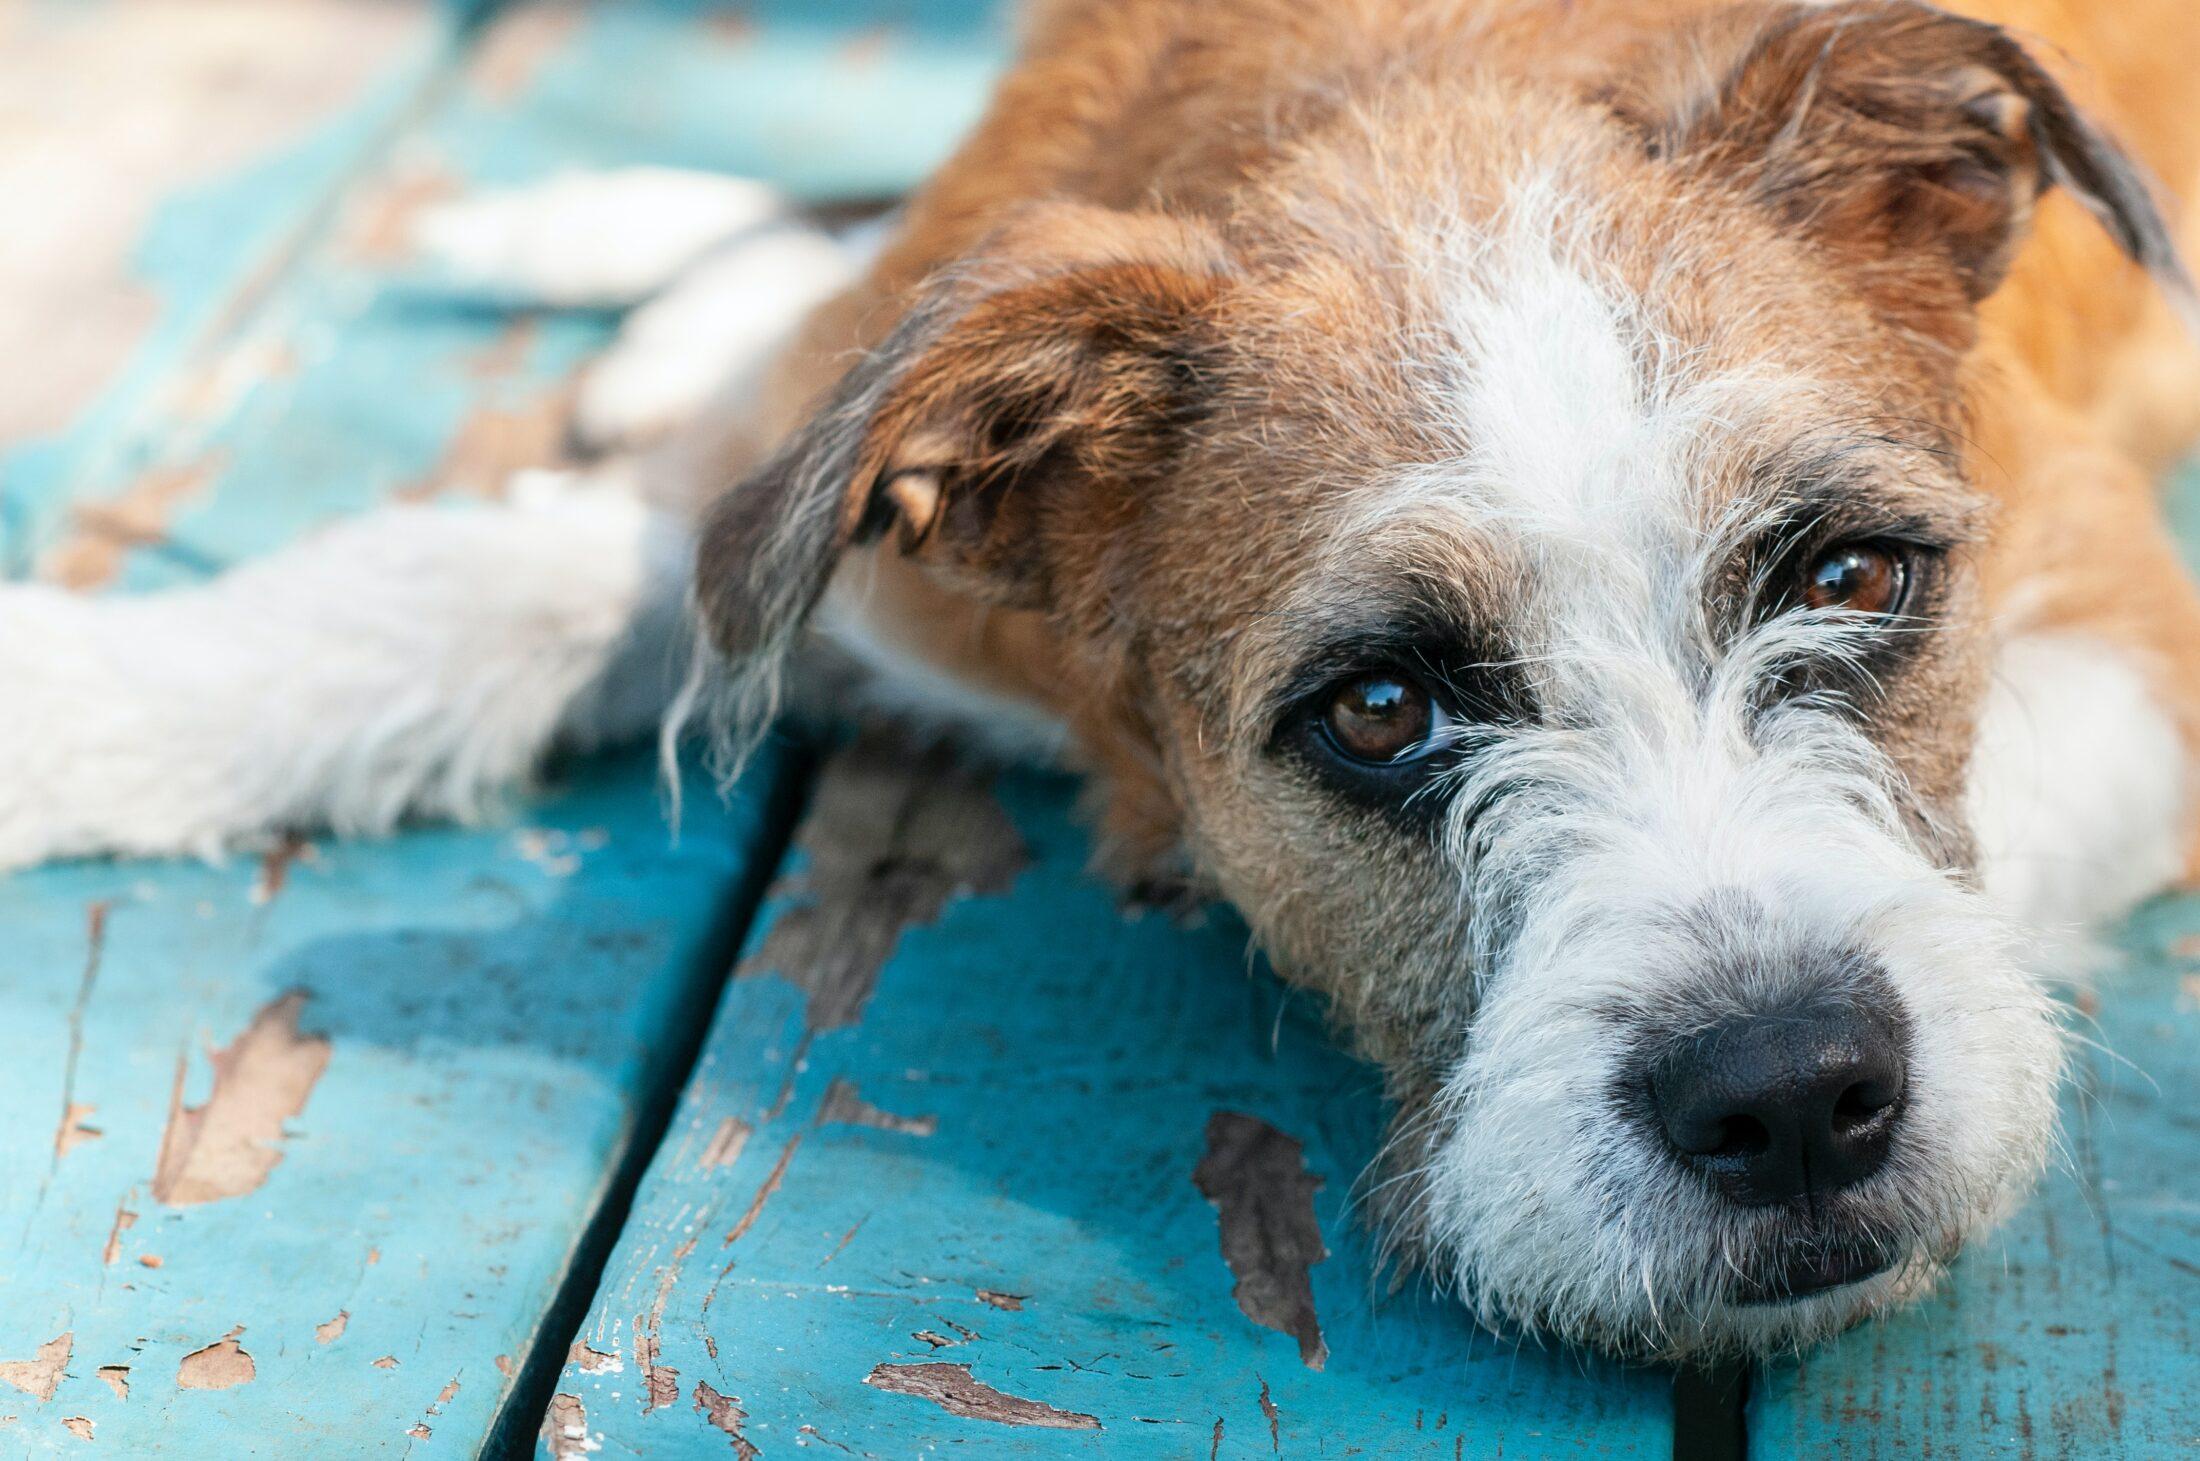 Um cão idoso vai apresentar sinais senis como nós humanos.